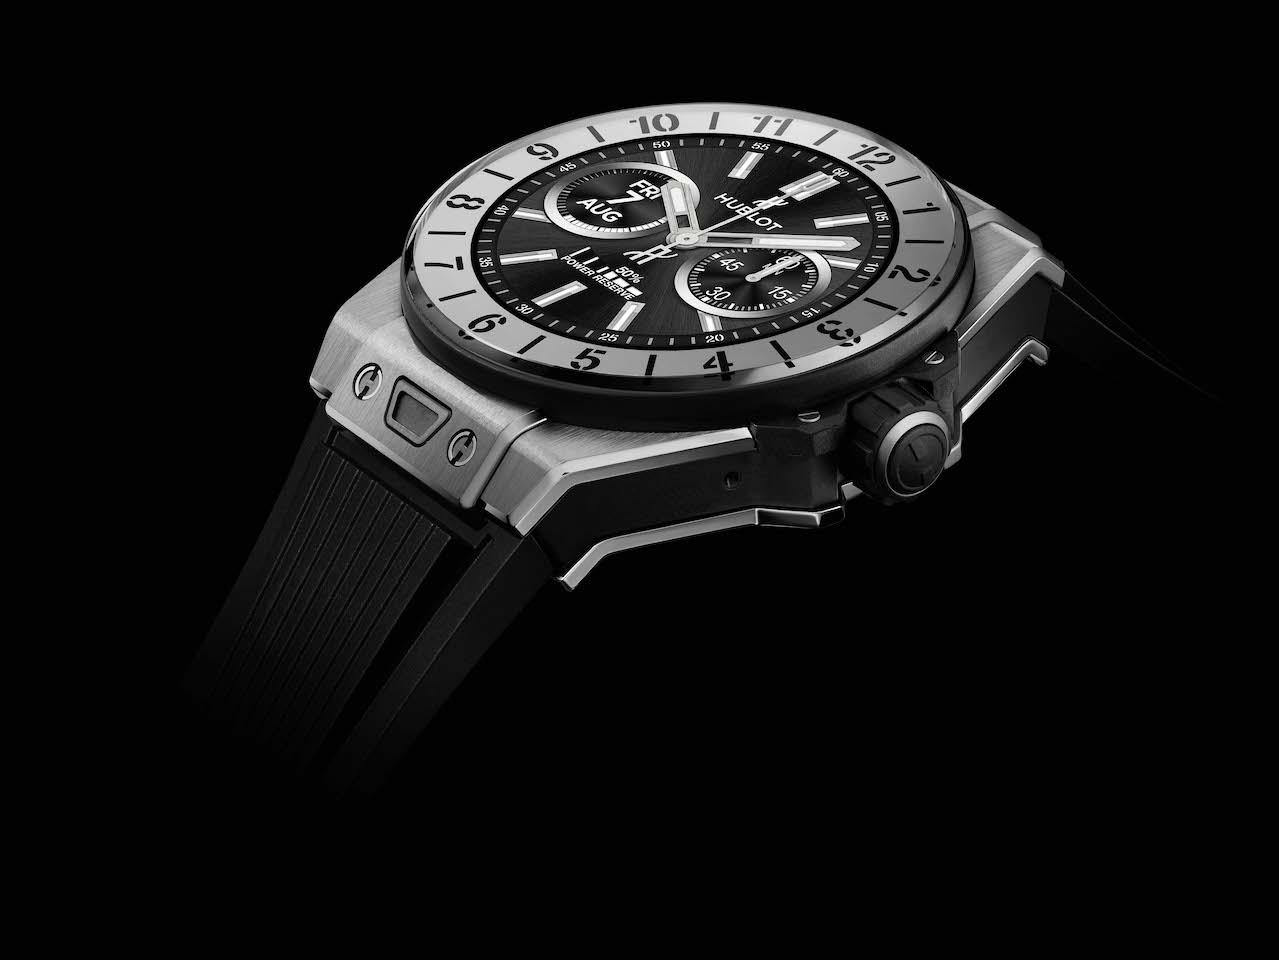 高級時計のウブロが新型スマートウォッチ「ビッグ・バン e」発表。60万5000円から - Engadget 日本版